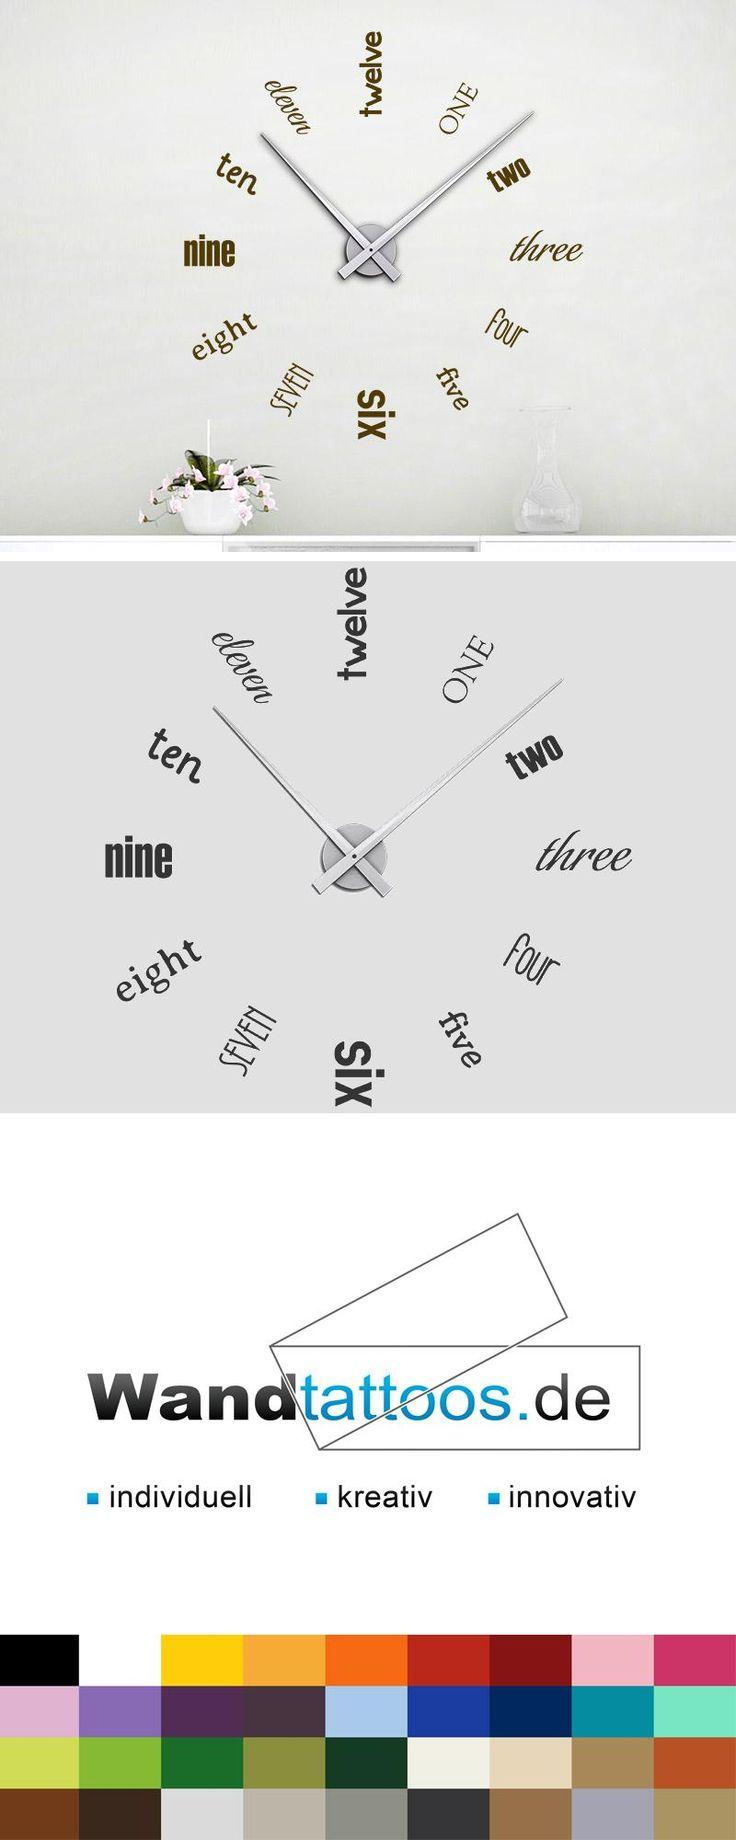 Wandtattoo Uhr One two three als Idee zur individuellen Wandgestaltung. Einfach Lieblingsfarbe und Größe auswählen. Weitere kreative Anregungen von Wandtattoos.de hier entdecken!